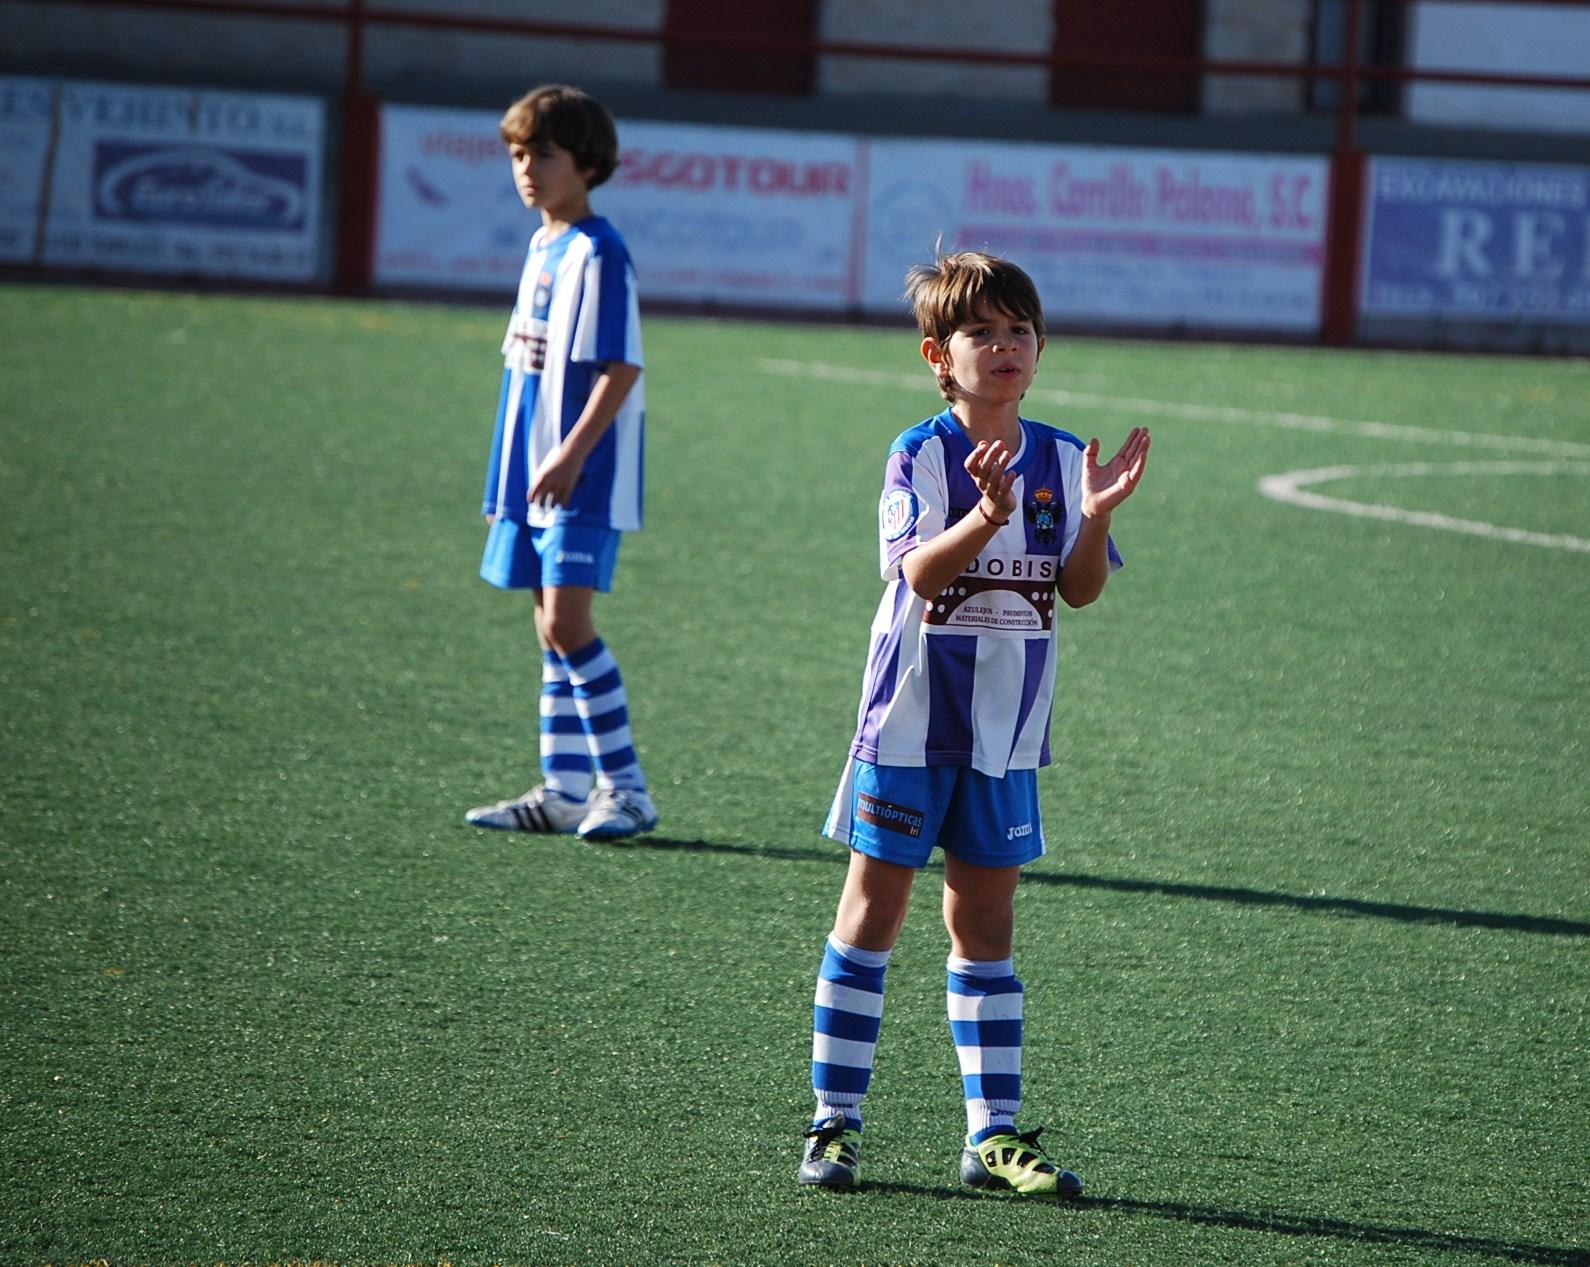 Campo de fútbol Indoor de Talavera de la reina, construcción y mantenimiento de campos de fútbol